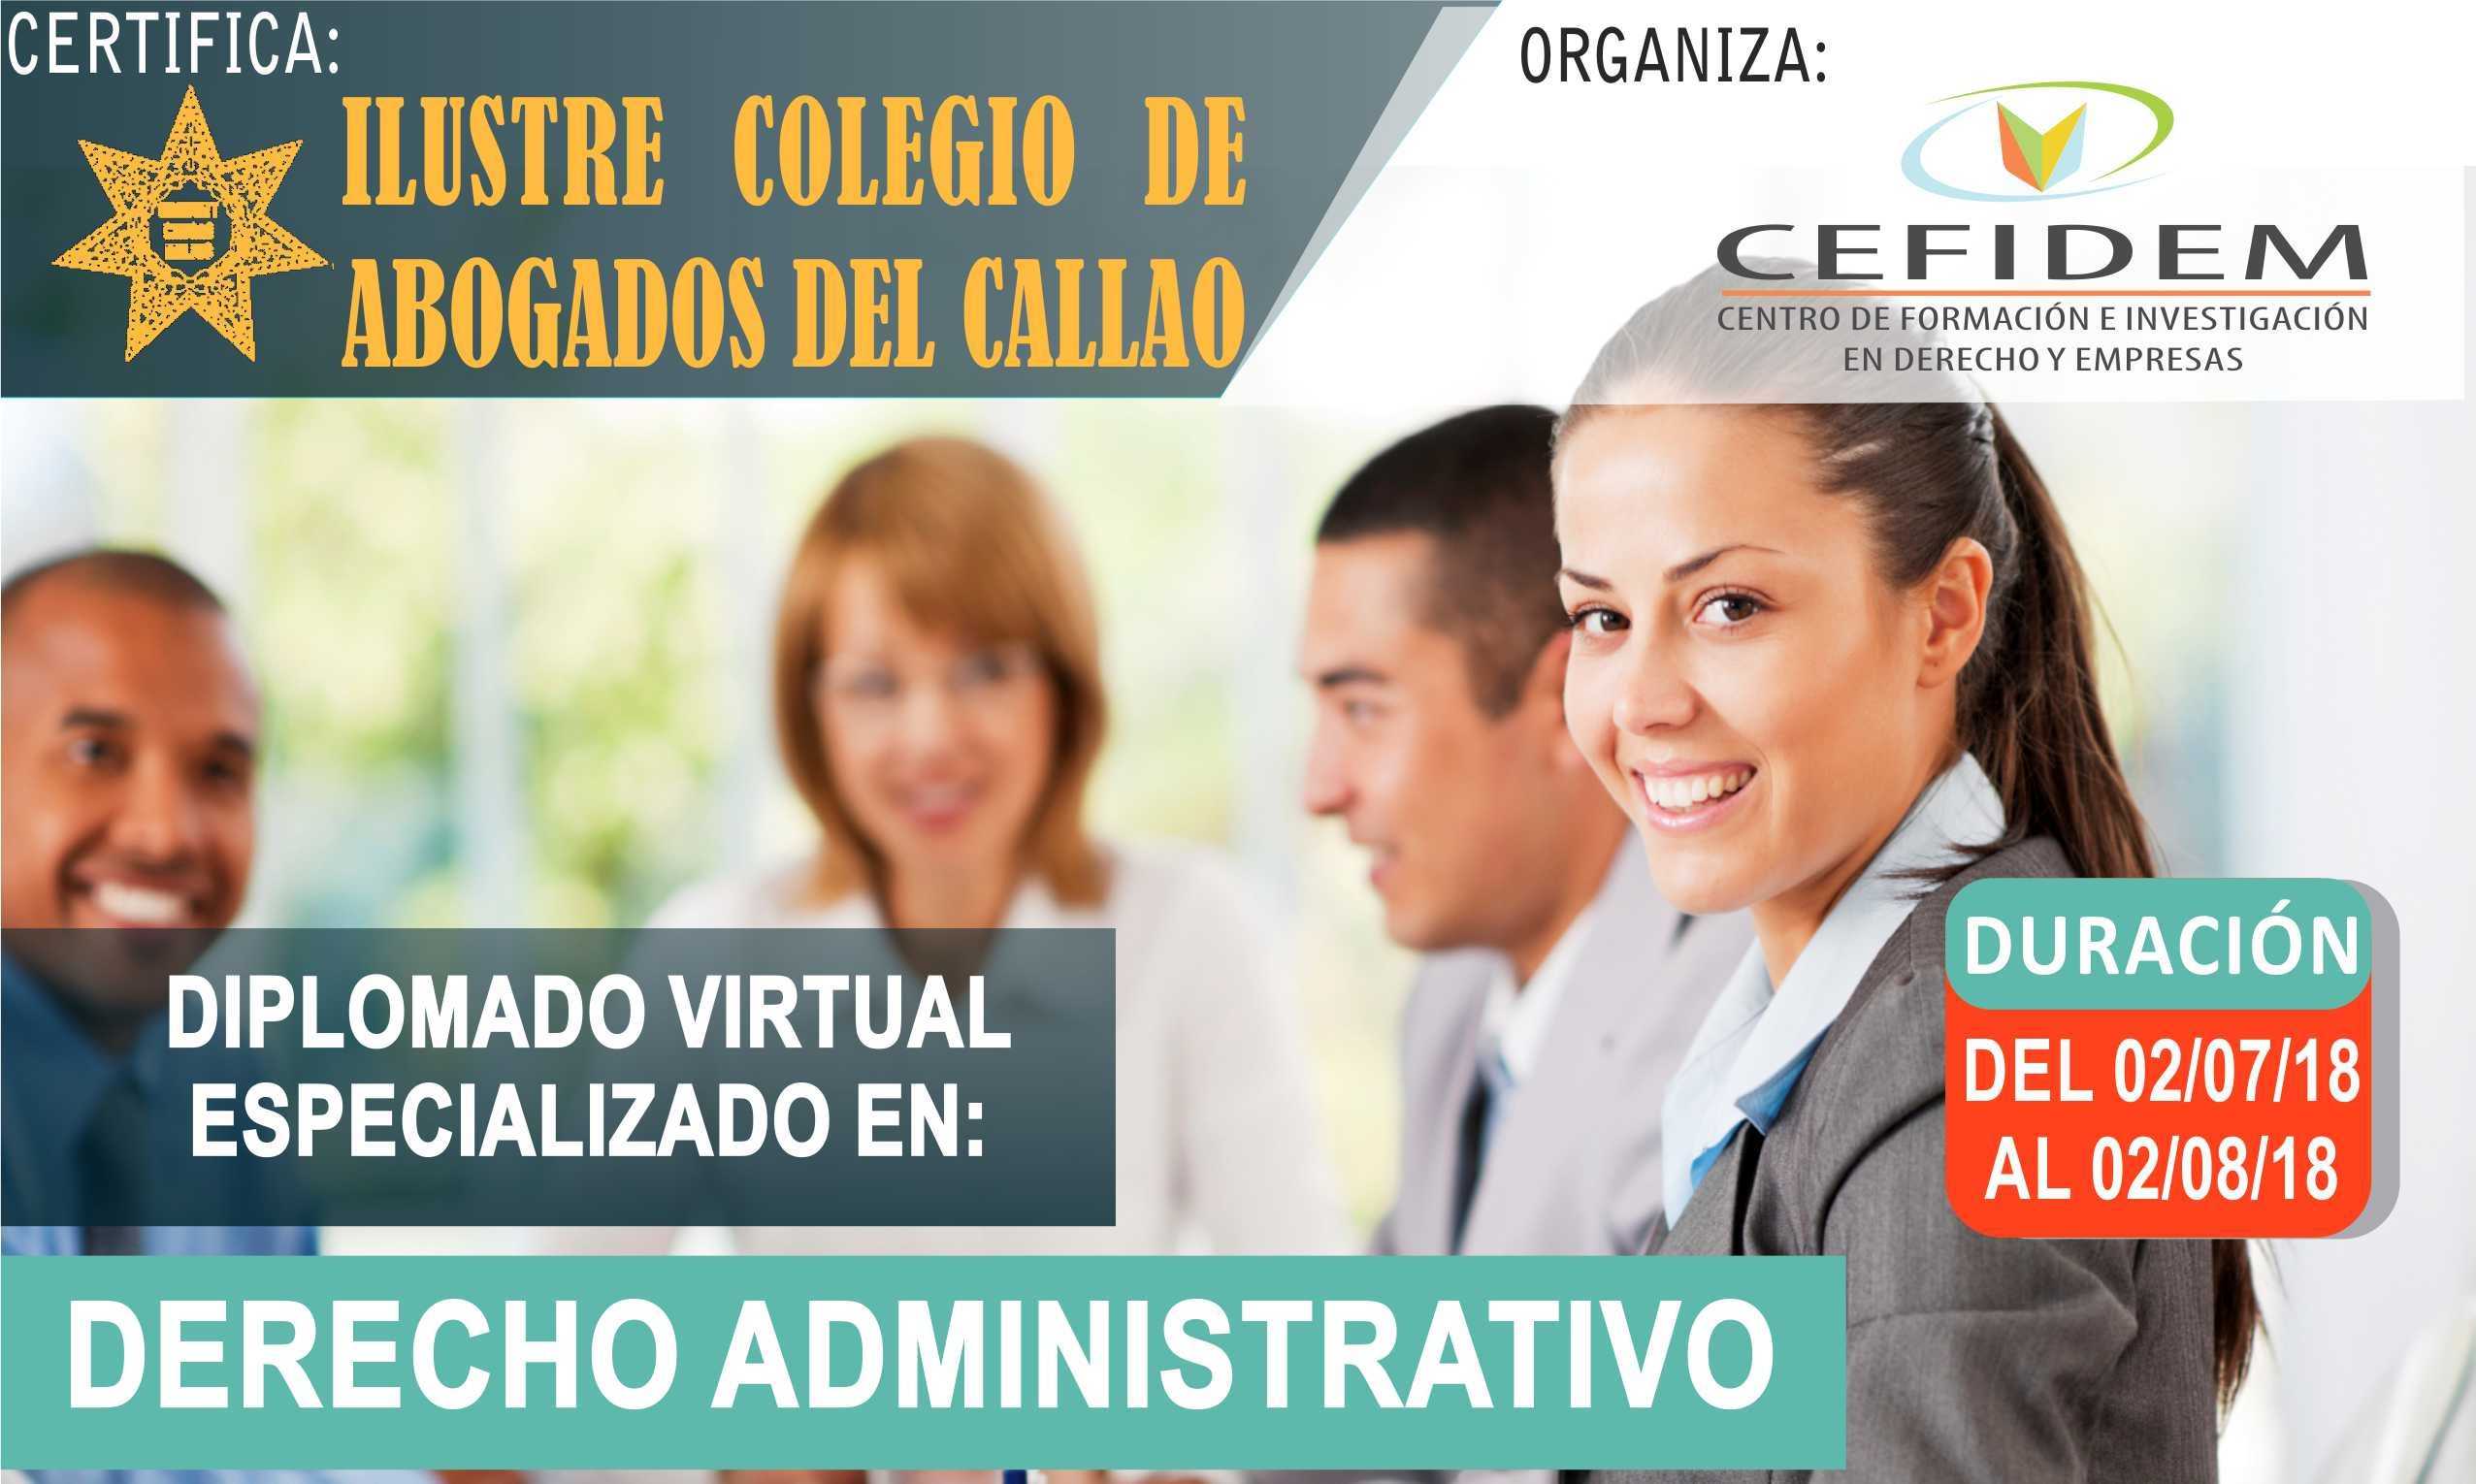 Diplomado virtual en: DERECHO ADMINISTRATIVO (inicia el 02/07/2018)